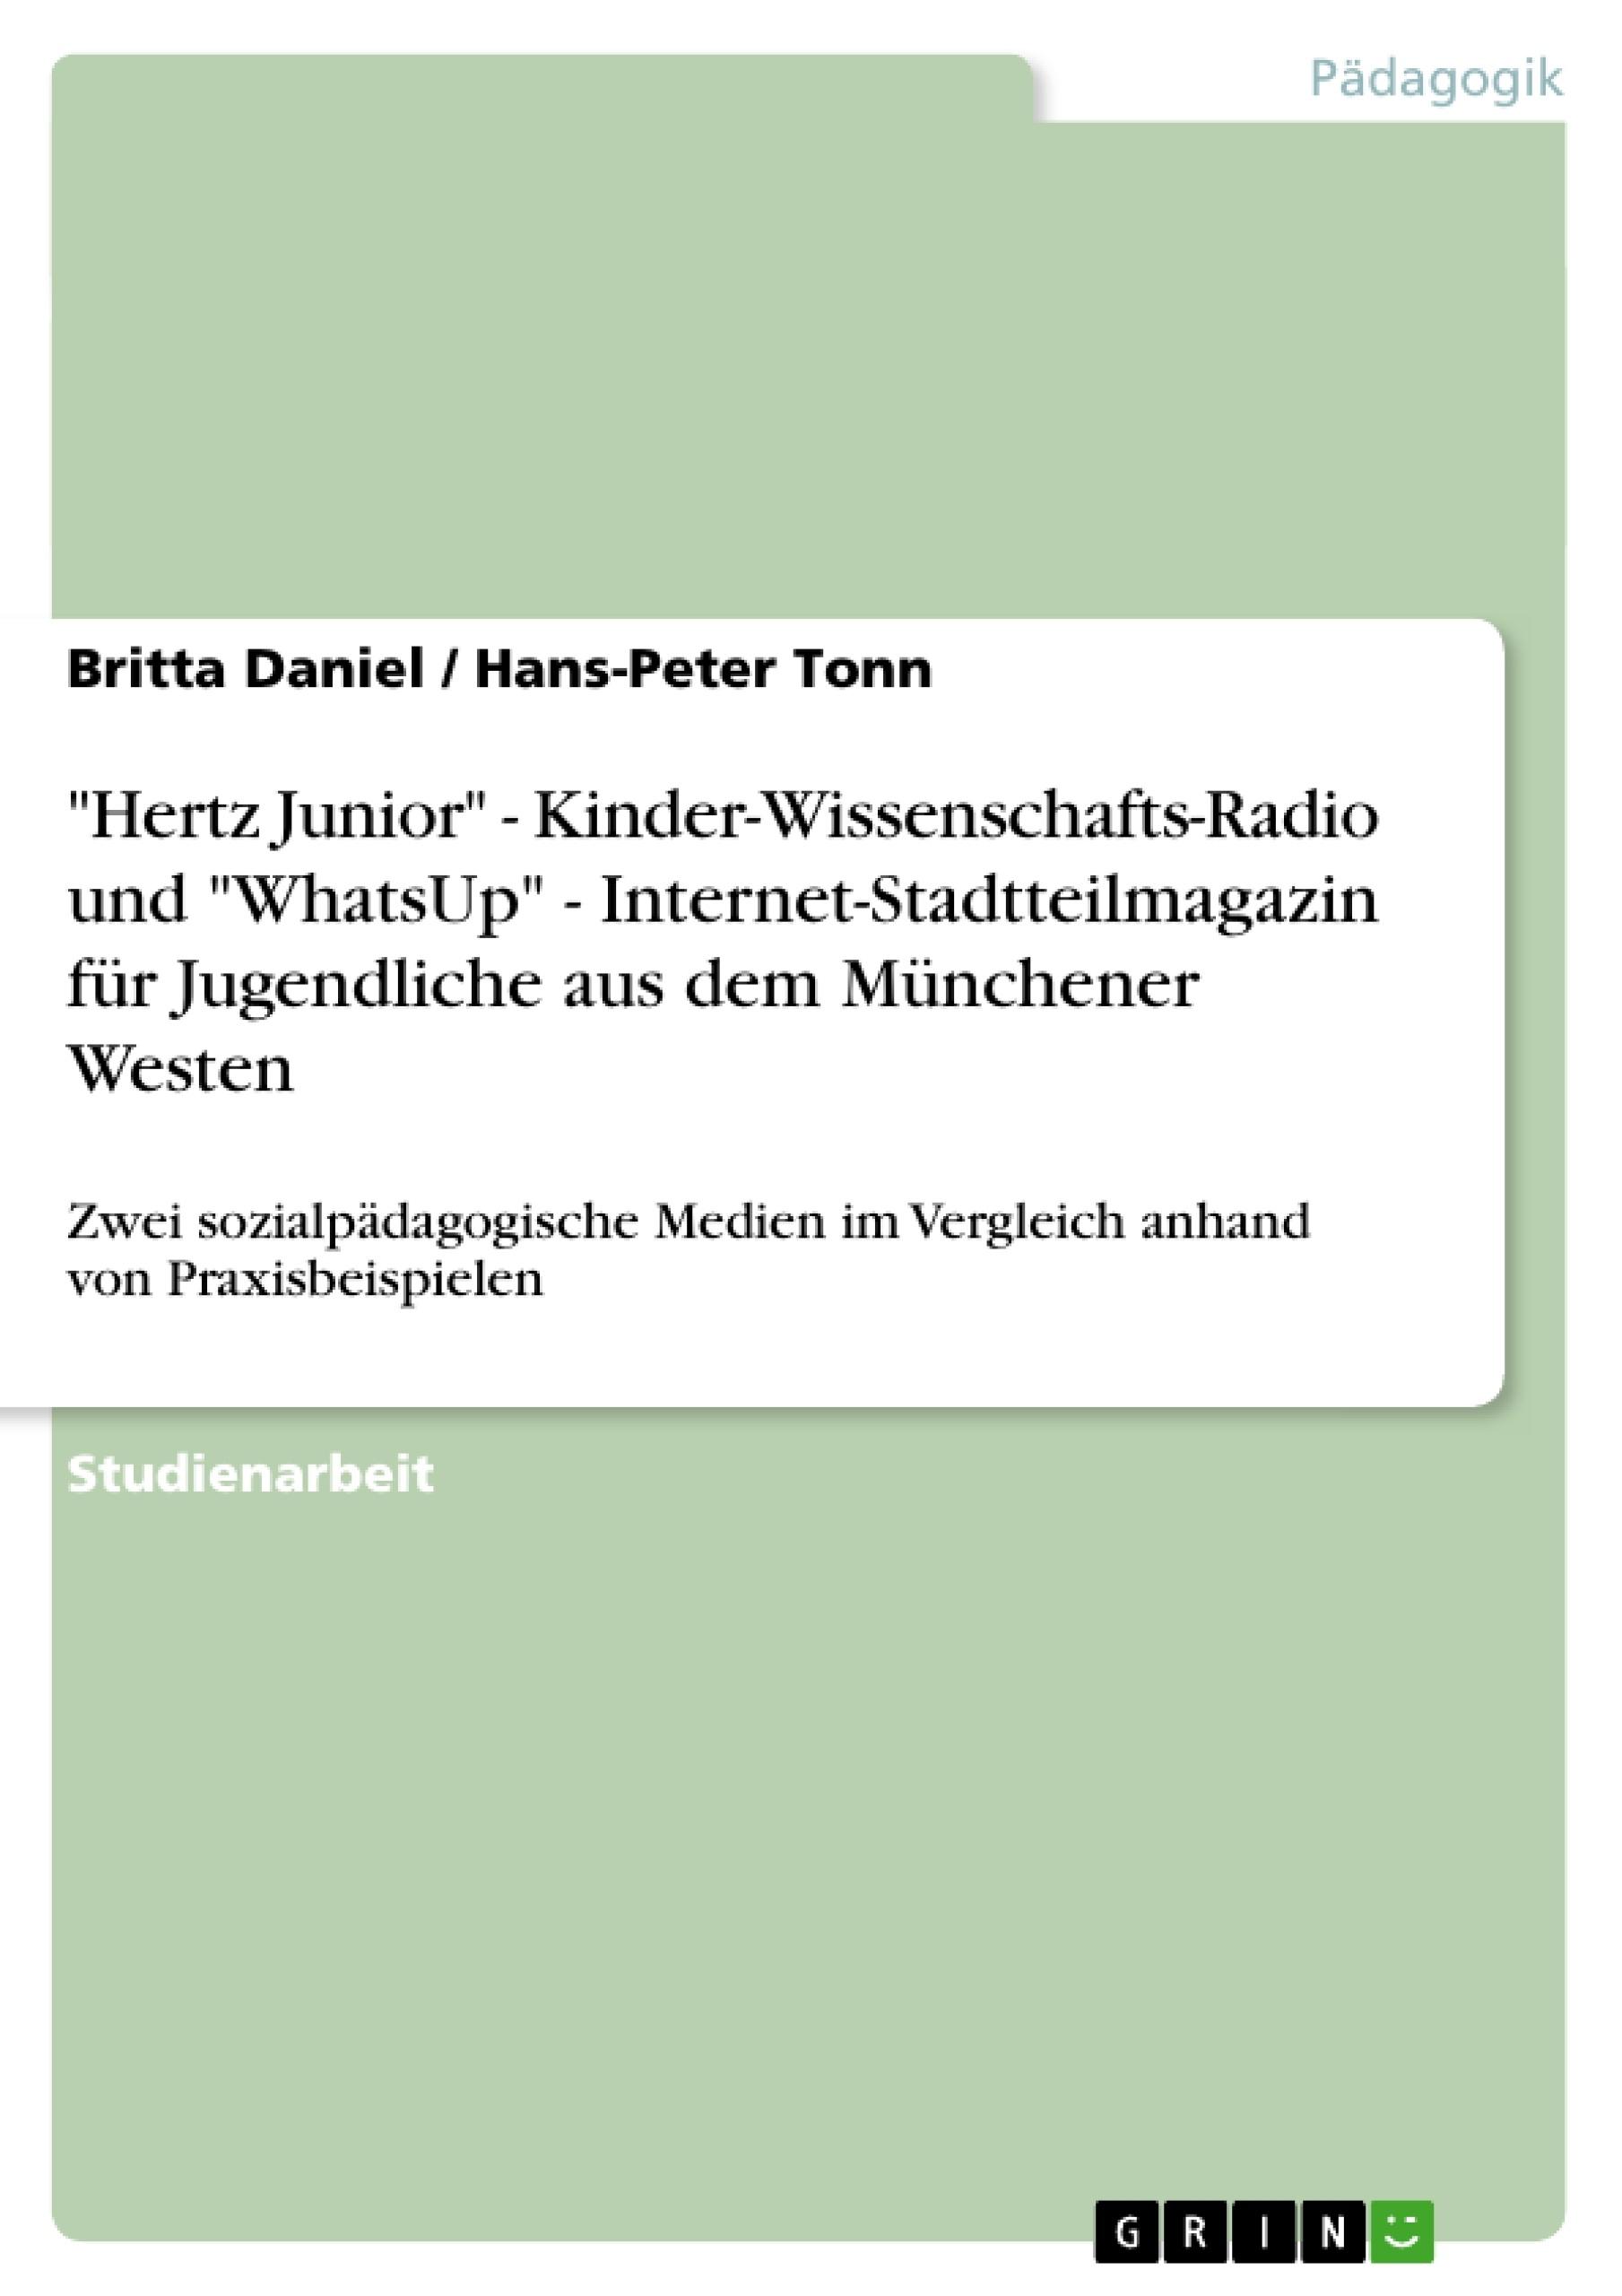 """Titel: """"Hertz Junior"""" - Kinder-Wissenschafts-Radio und """"WhatsUp"""" - Internet-Stadtteilmagazin für Jugendliche aus dem Münchener Westen"""